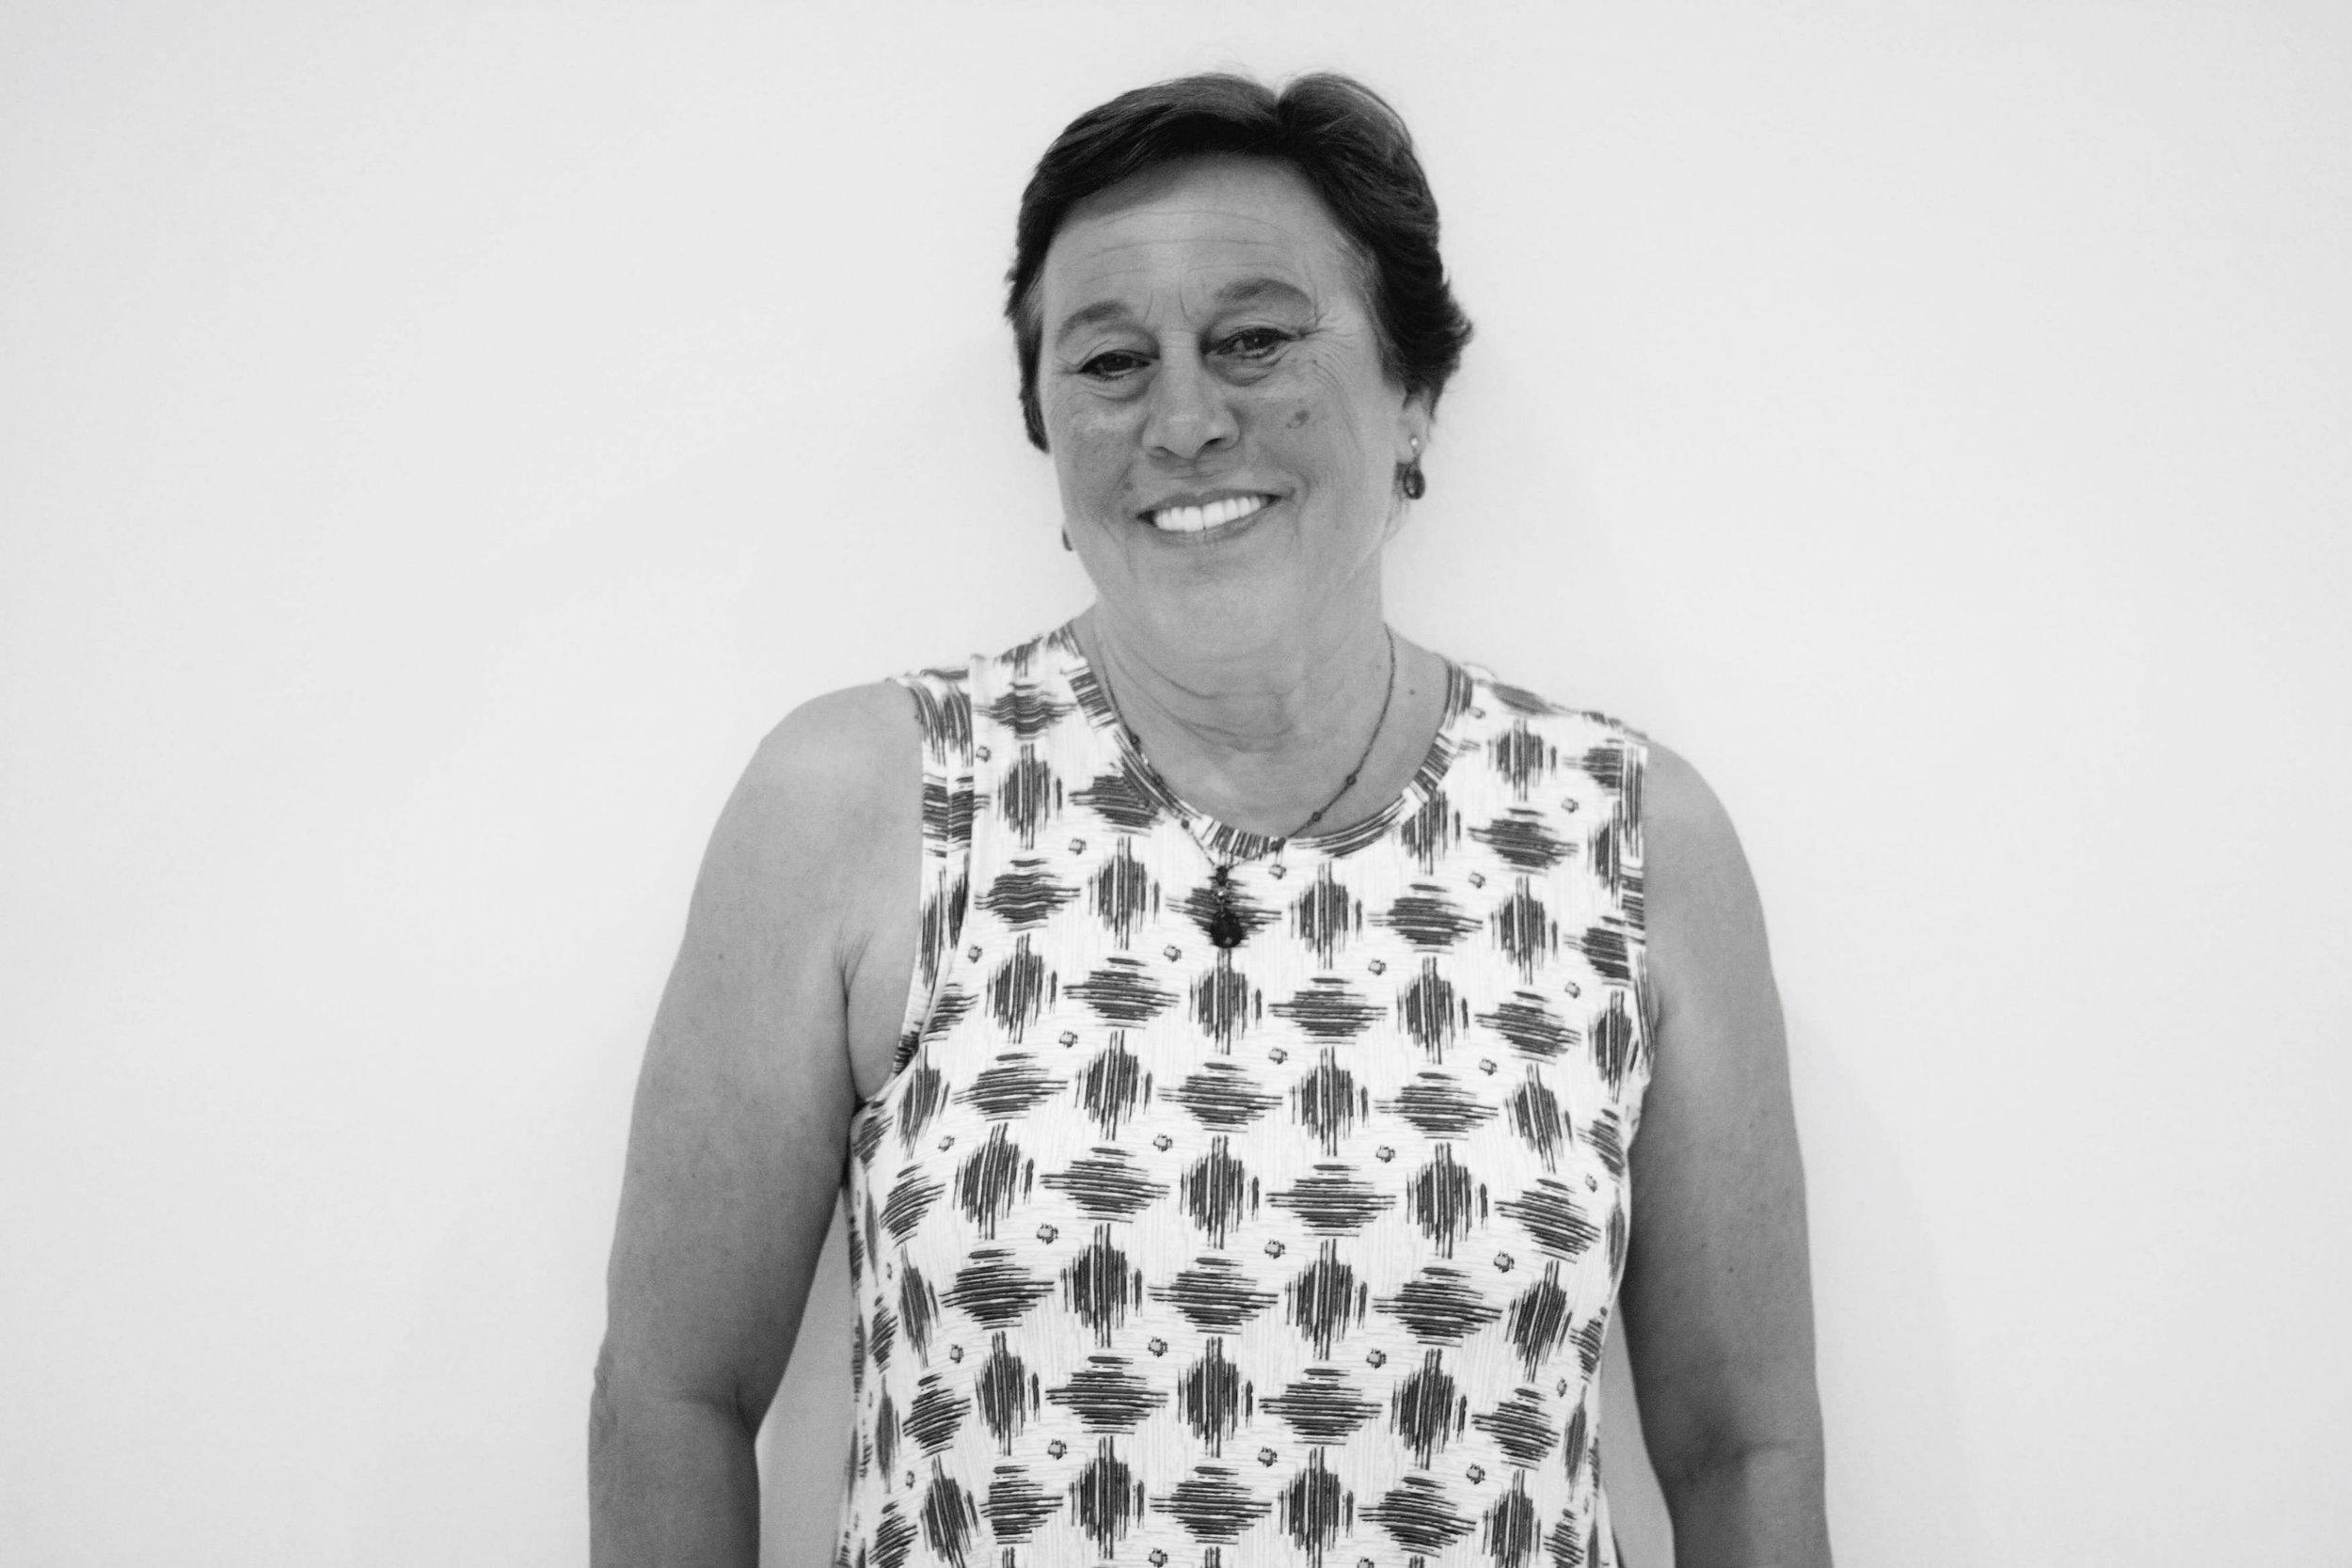 Linda Vandine